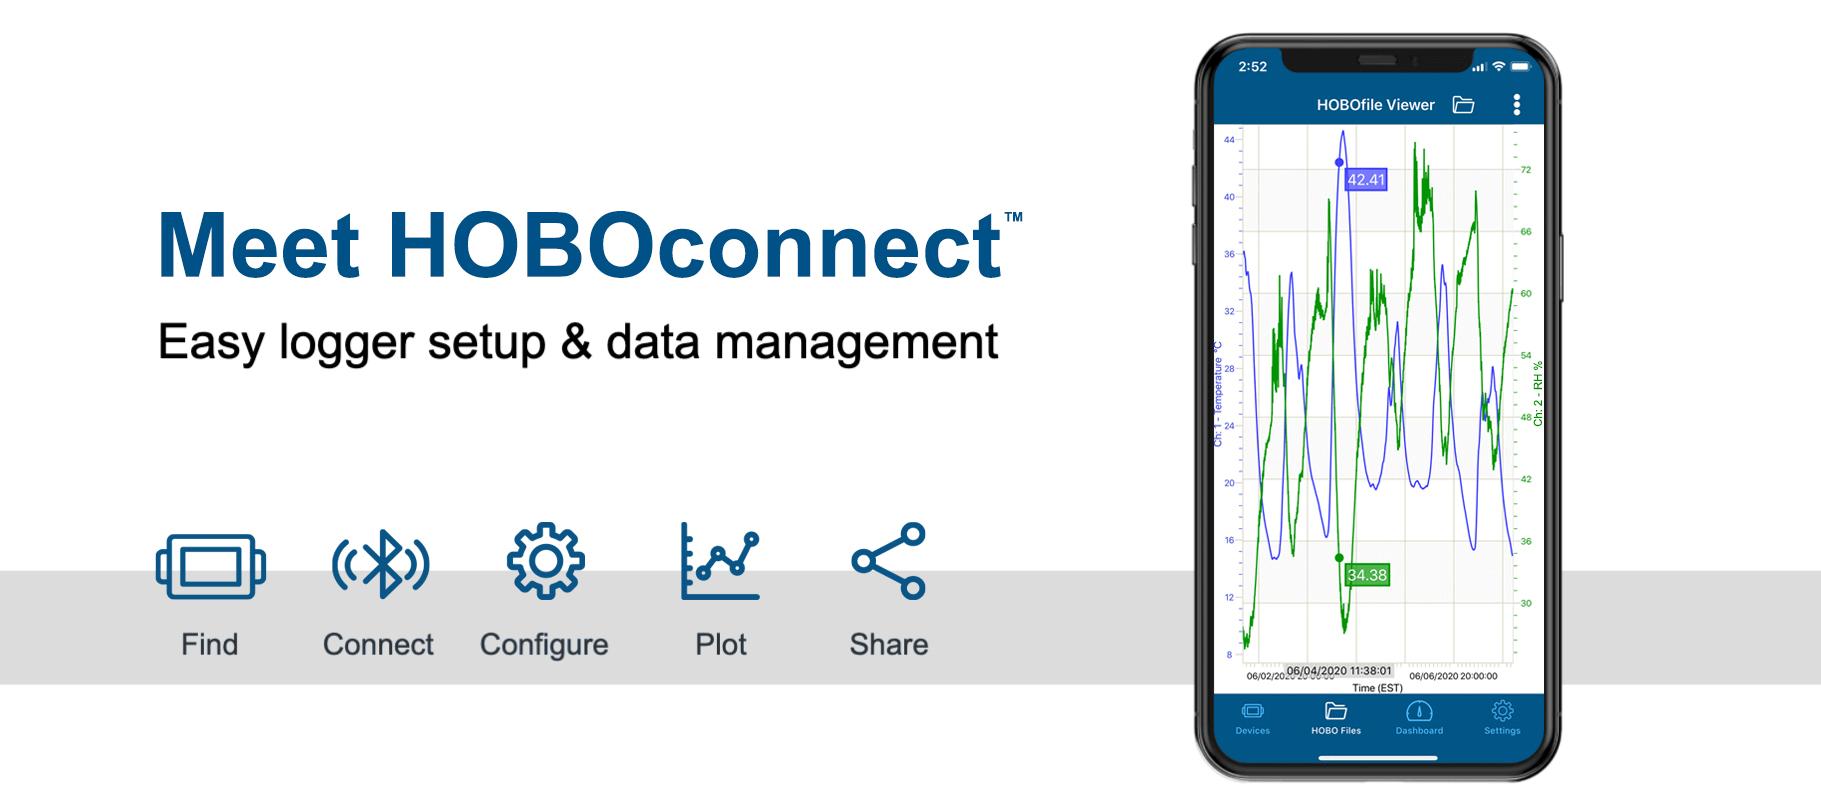 Meet HOBOconnect